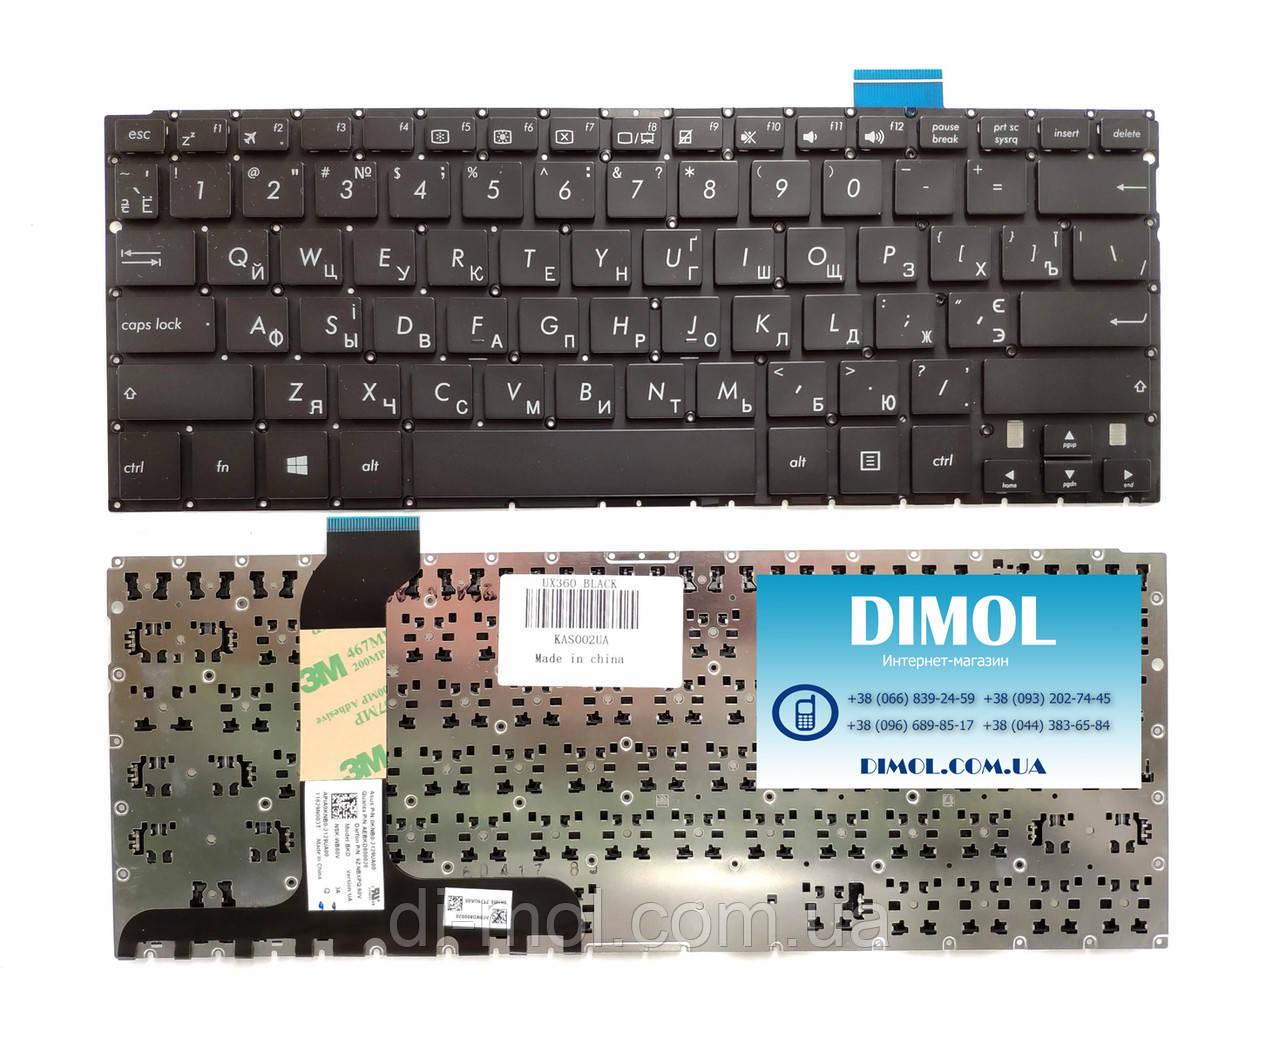 Оригинальная клавиатура для ноутбука Asus Zenbook UX360, UX360U, UX360UA, UX360UAK, UX360CA series, rus, black